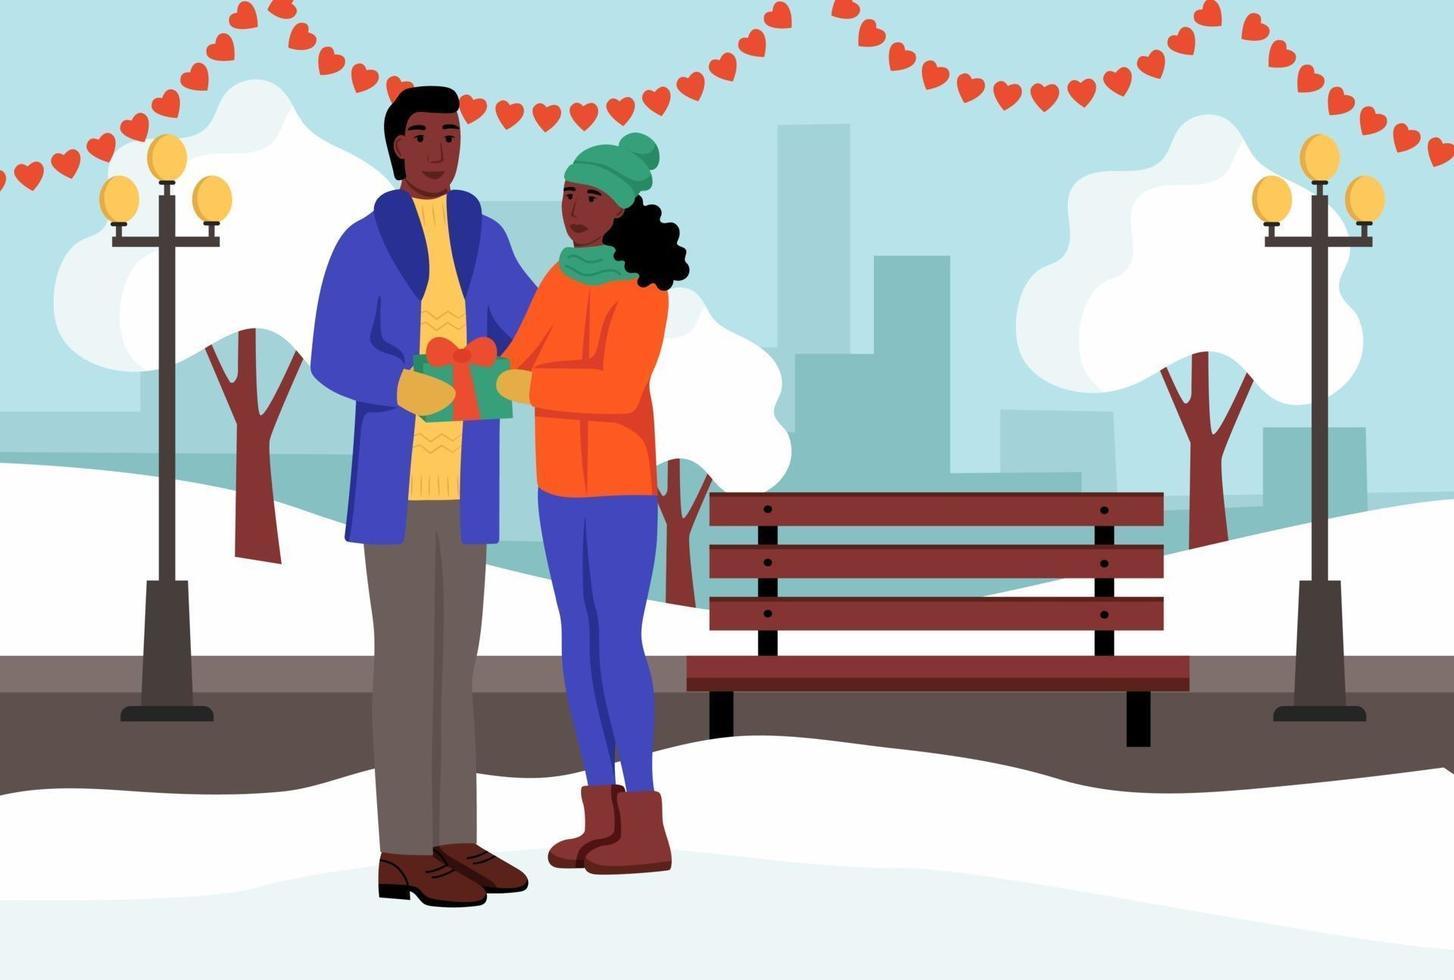 una pareja intercambia regalos en un parque de invierno. un hombre y una mujer jóvenes celebran el día de san valentín. ilustración vectorial plana. vector